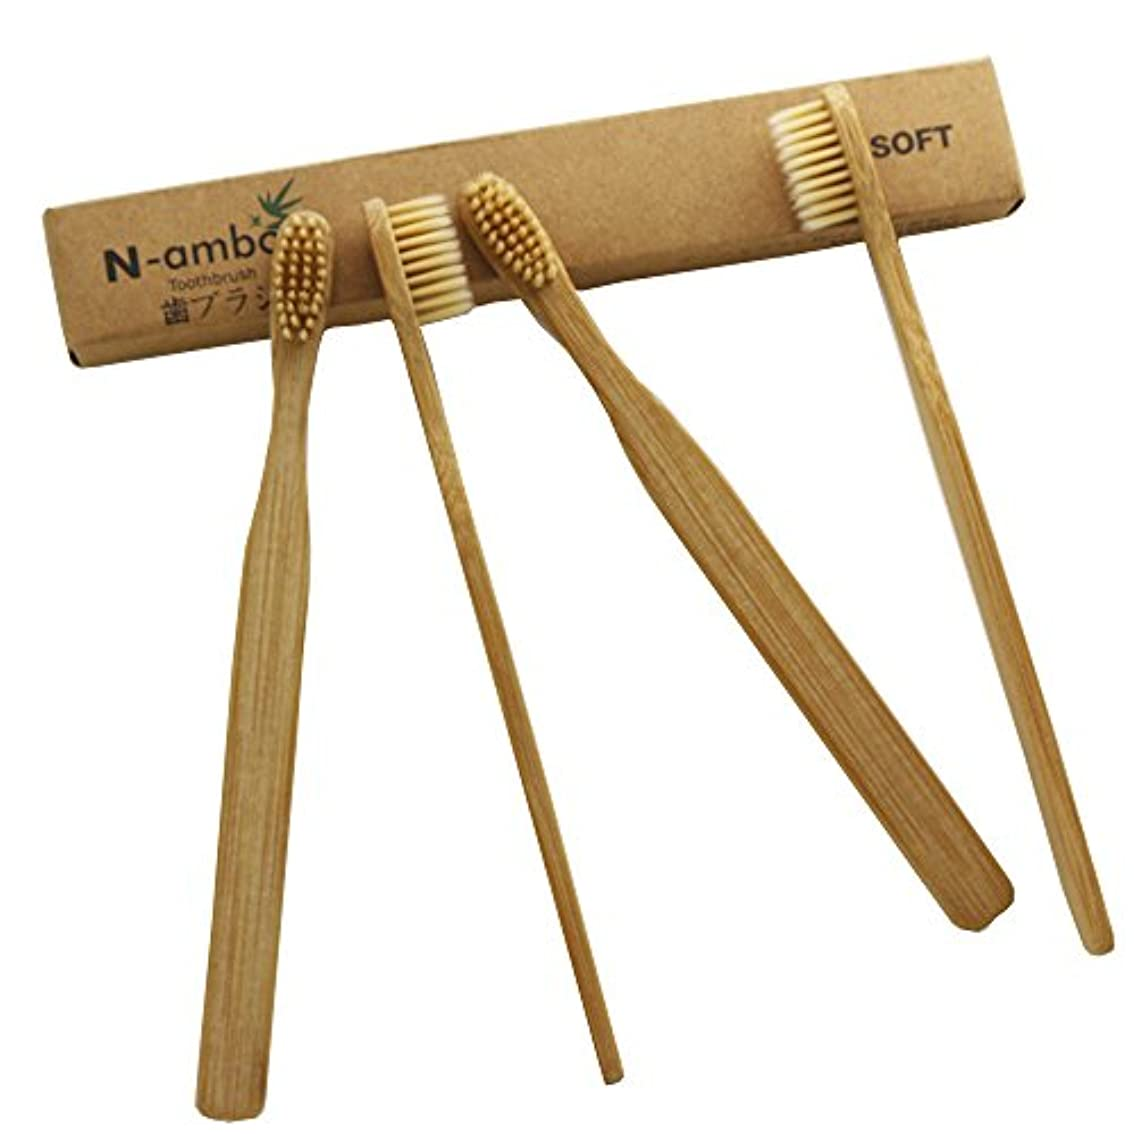 被害者吸収師匠N-amboo 竹製 歯ブラシ 高耐久性 セット エコ ハンドル大きめ ベージュ (4本)